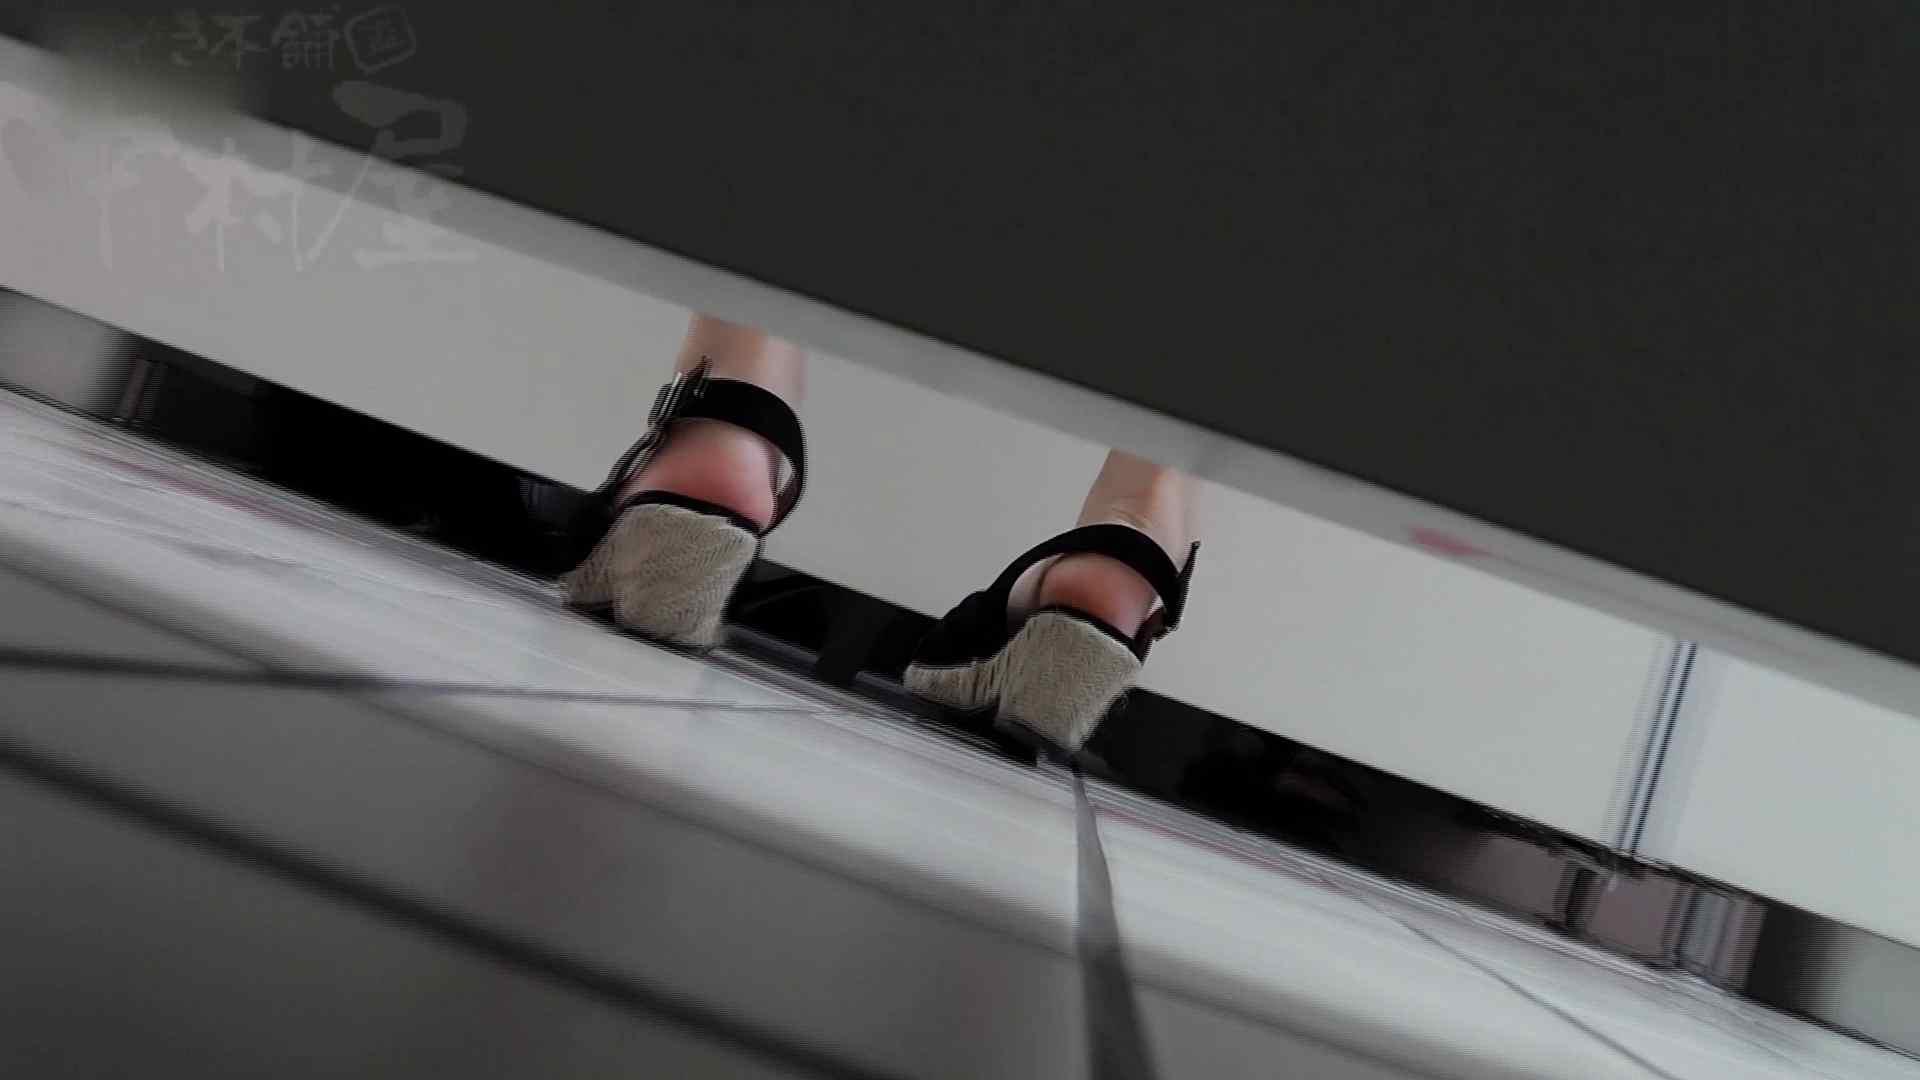 美しい日本の未来 No.26 美女偏差値オール90 盗撮シリーズ 盗み撮り動画 91PIX 27